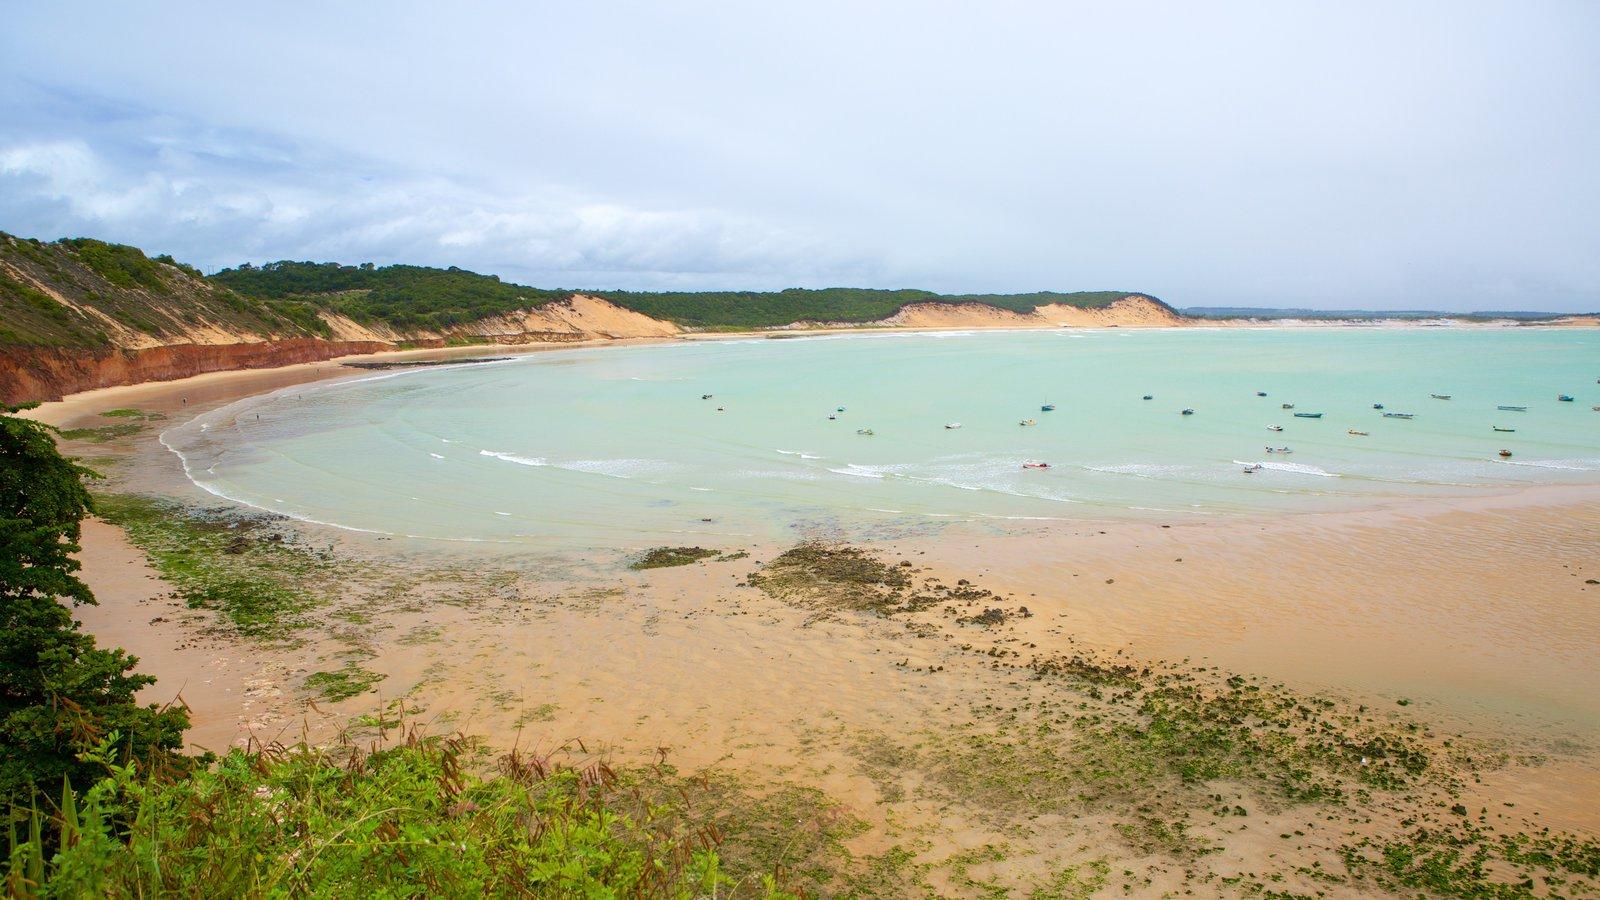 Baía Formosa que inclui uma baía ou porto, uma praia de areia e paisagens litorâneas